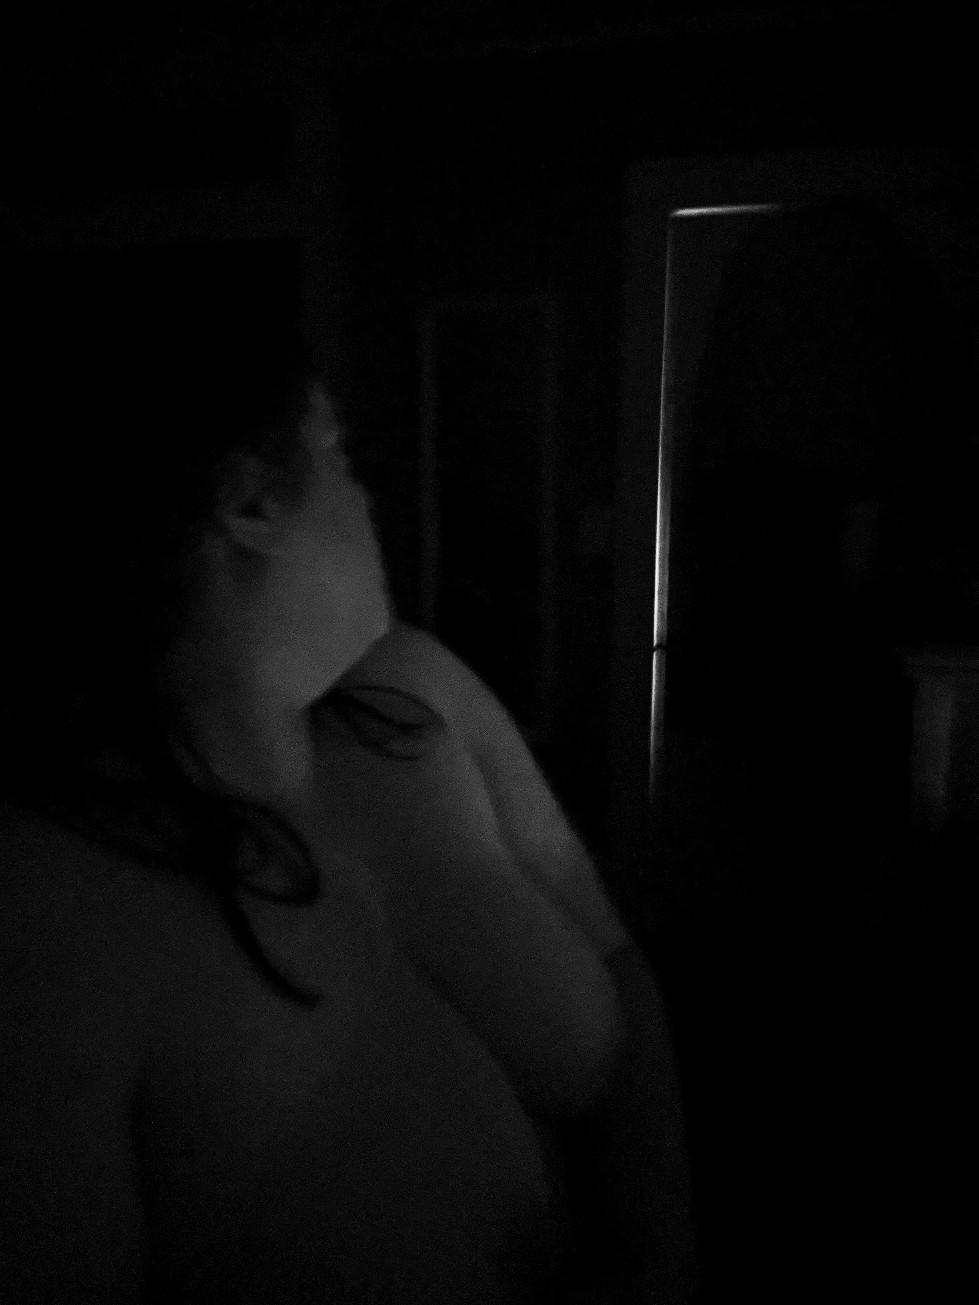 nude woman turns to face door in dark room